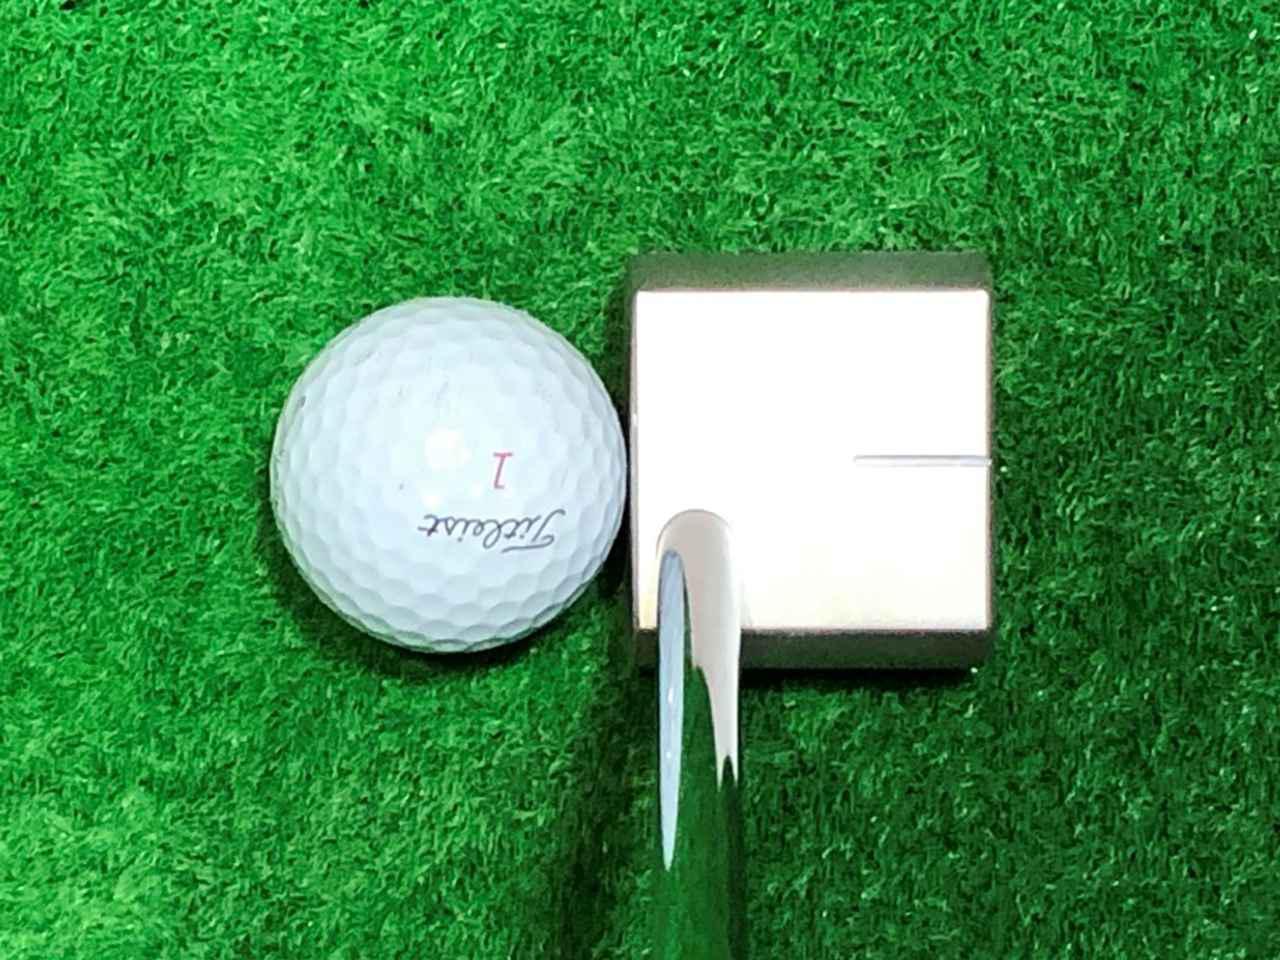 画像: OH1パター。フェース面の長さがゴルフボールの直径とほぼ同等になるよう設計されている